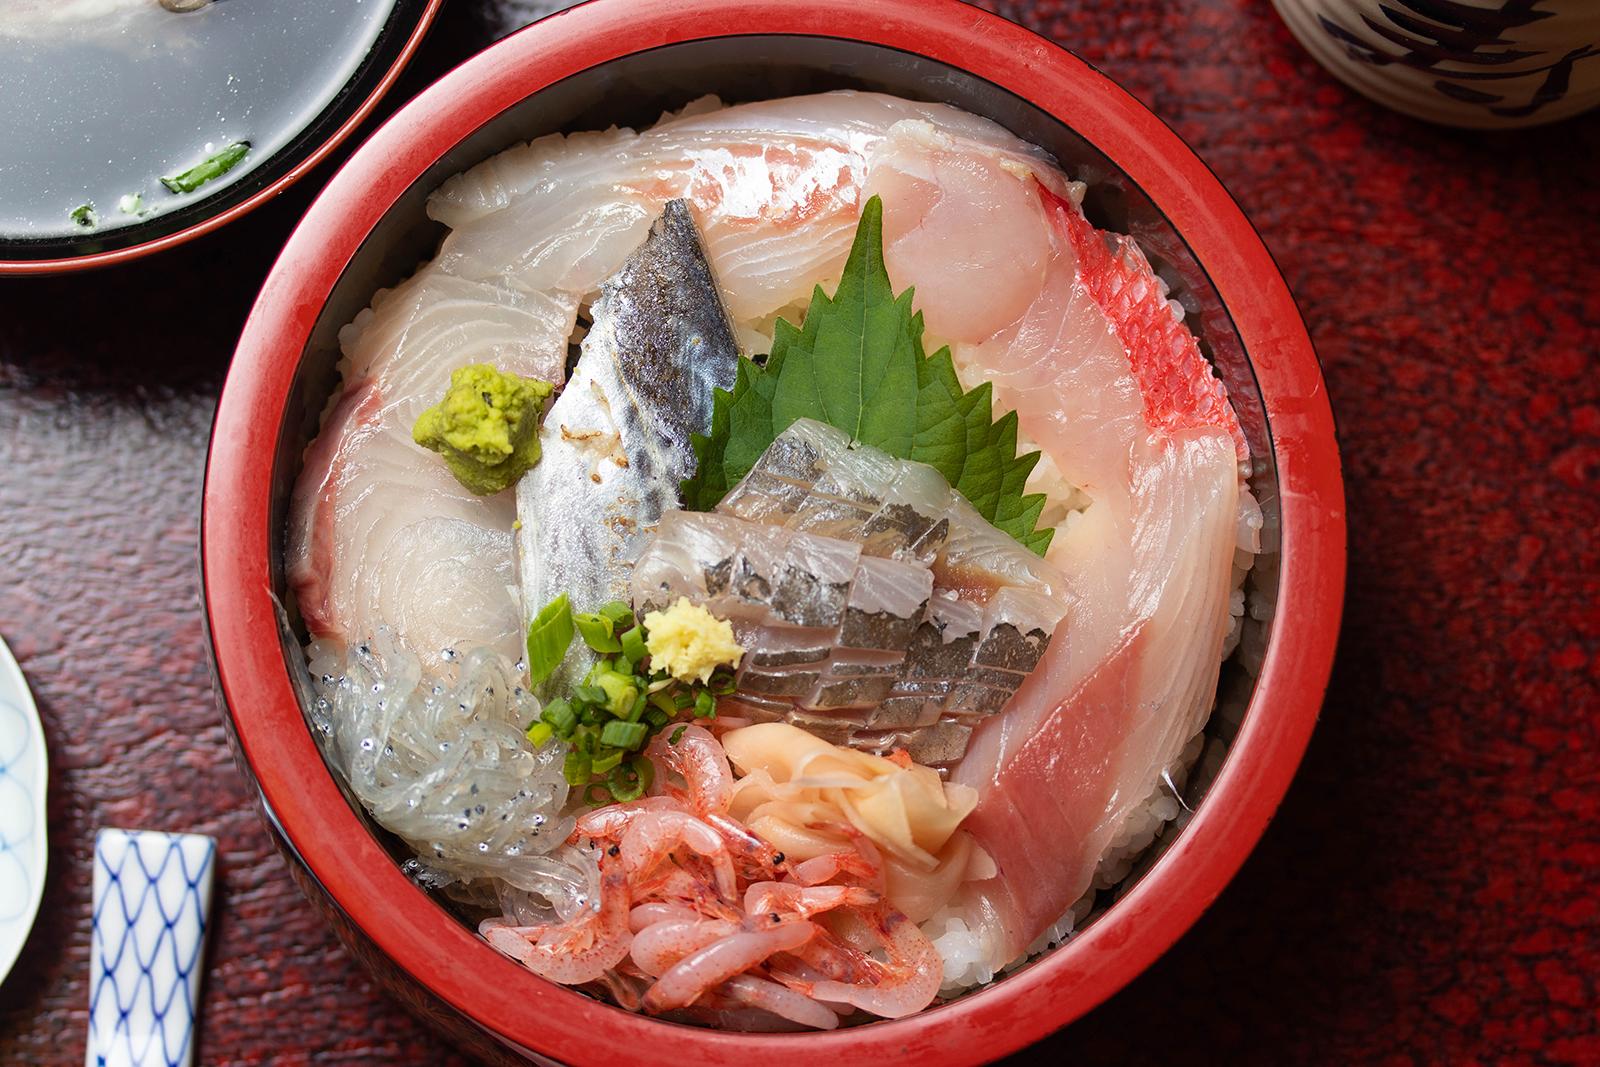 金目鯛も入った海鮮丼!